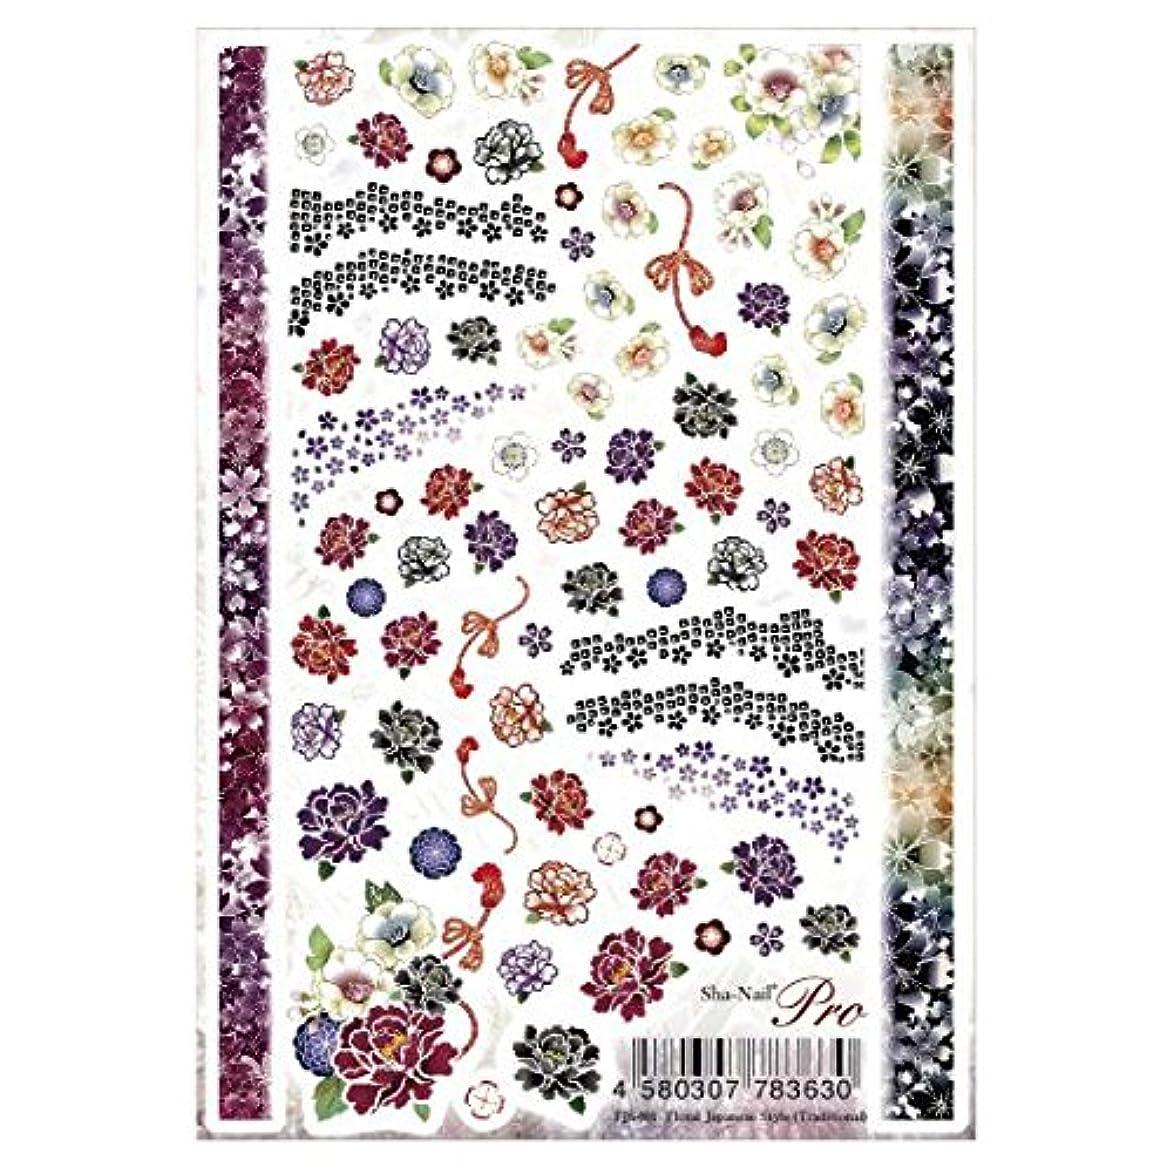 面倒スーツビデオ写ネイルプロ ネイルシール 和の花 トラディショナル アート材